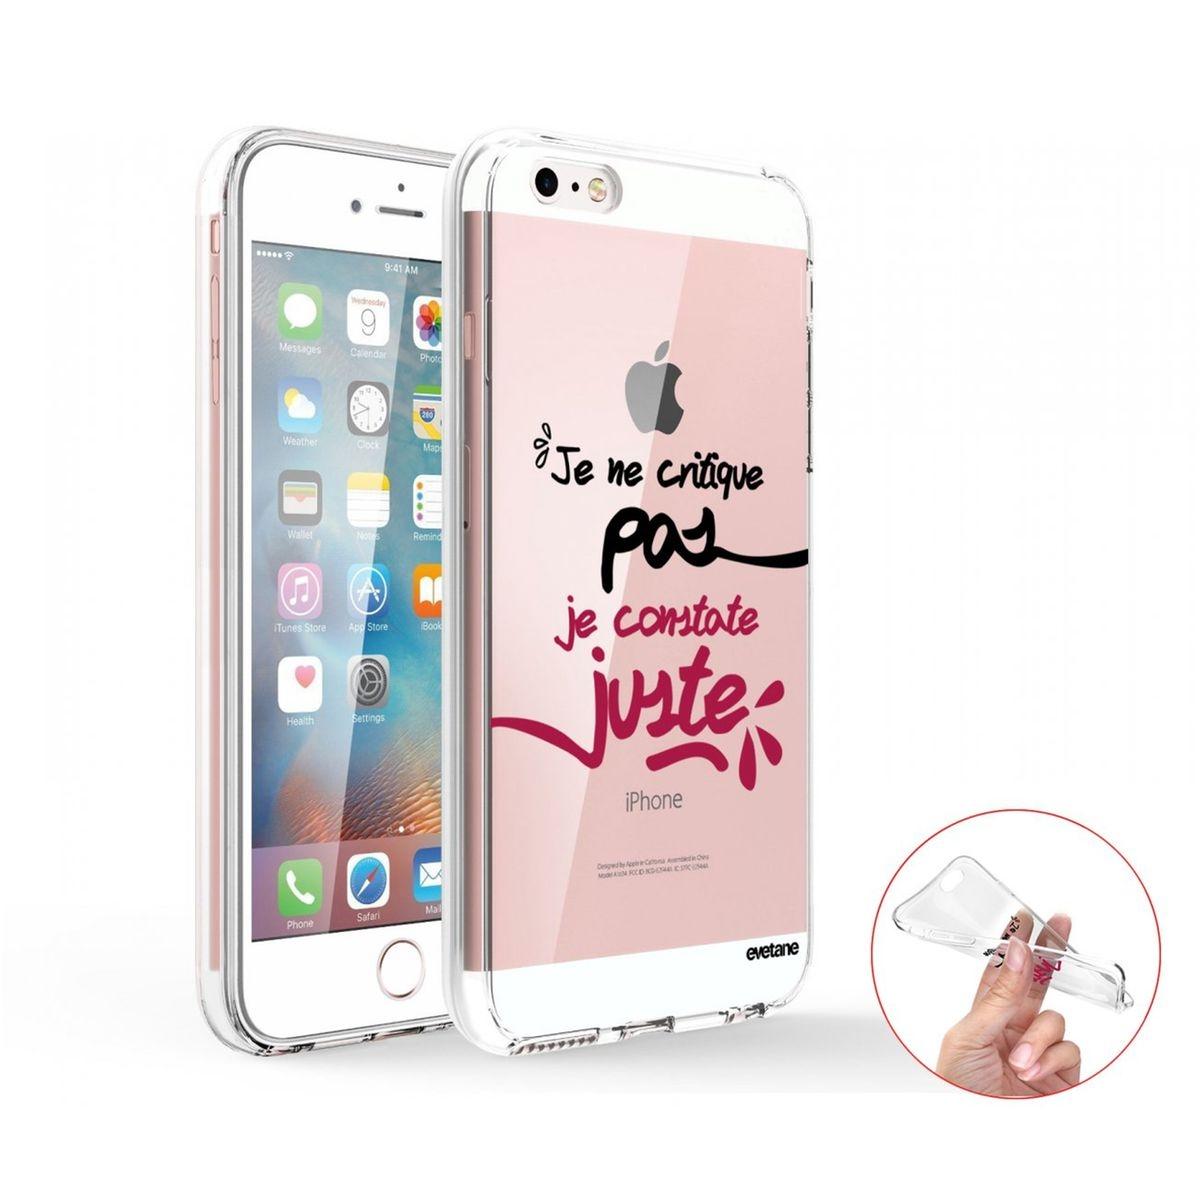 Coque iPhone SE / 5S / 5 360 intégrale transparente, Je Constate Juste, Evetane®